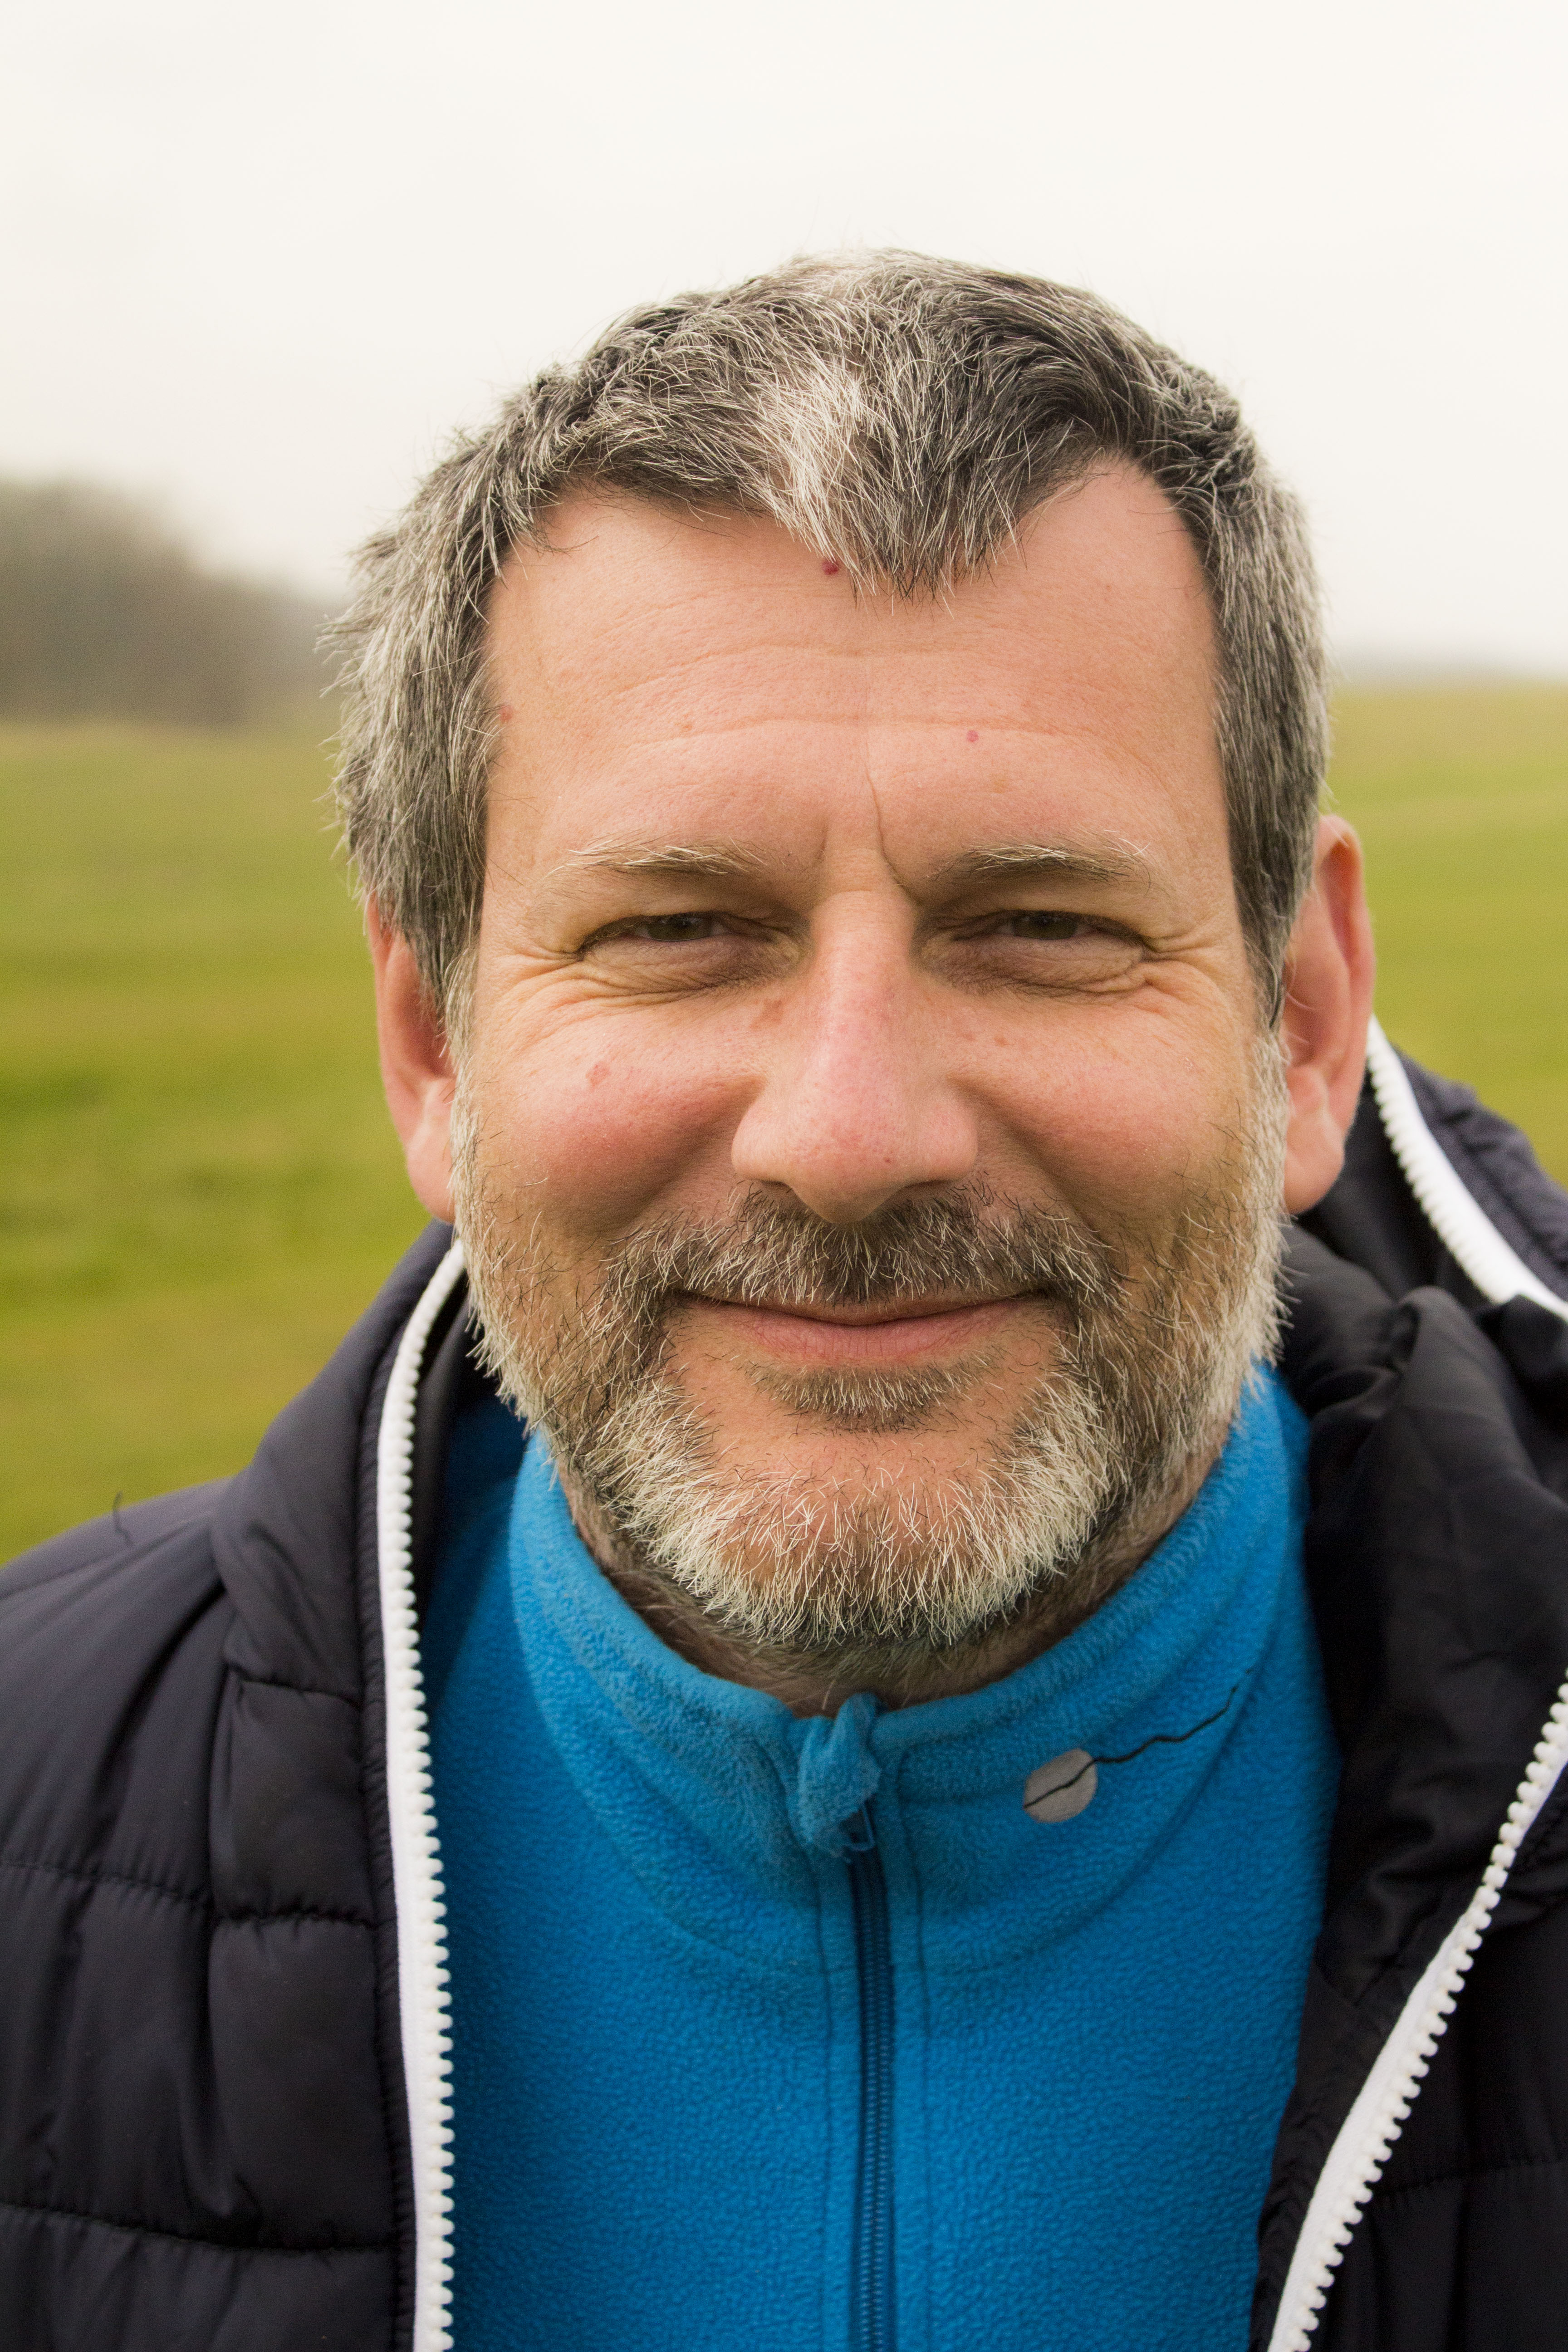 David Nyhjem